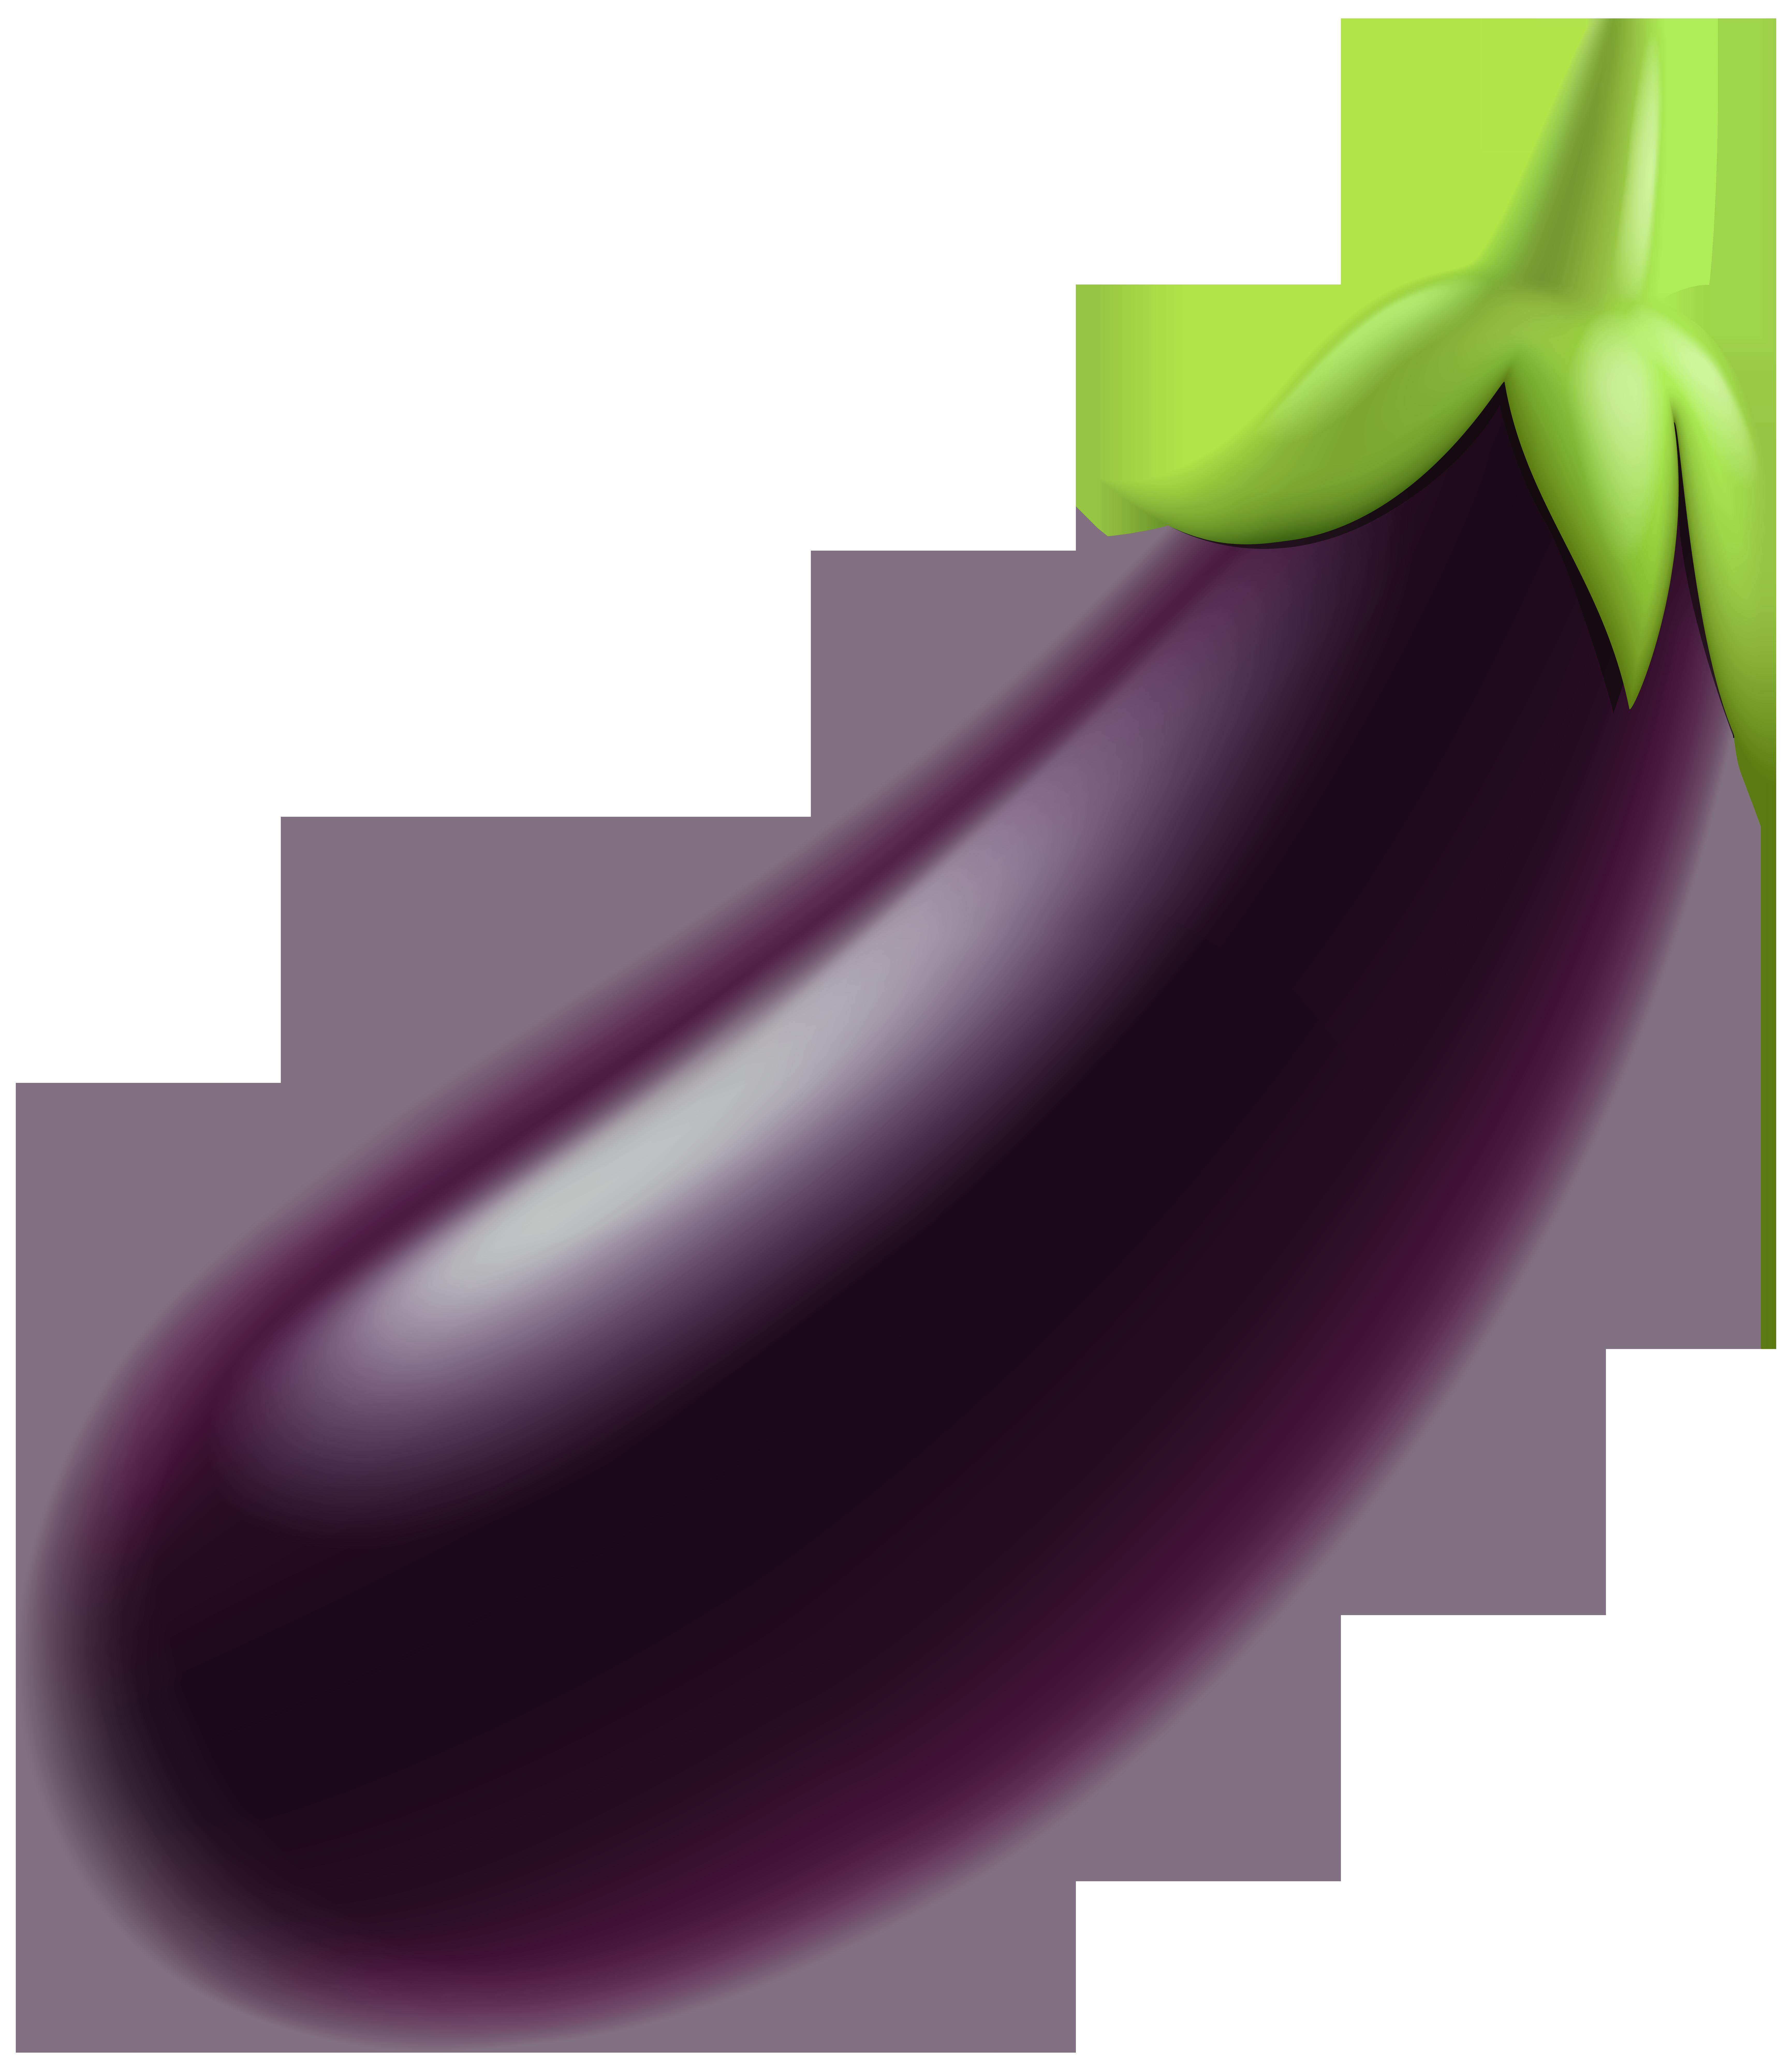 6924x8000 Eggplant Png Clip Art